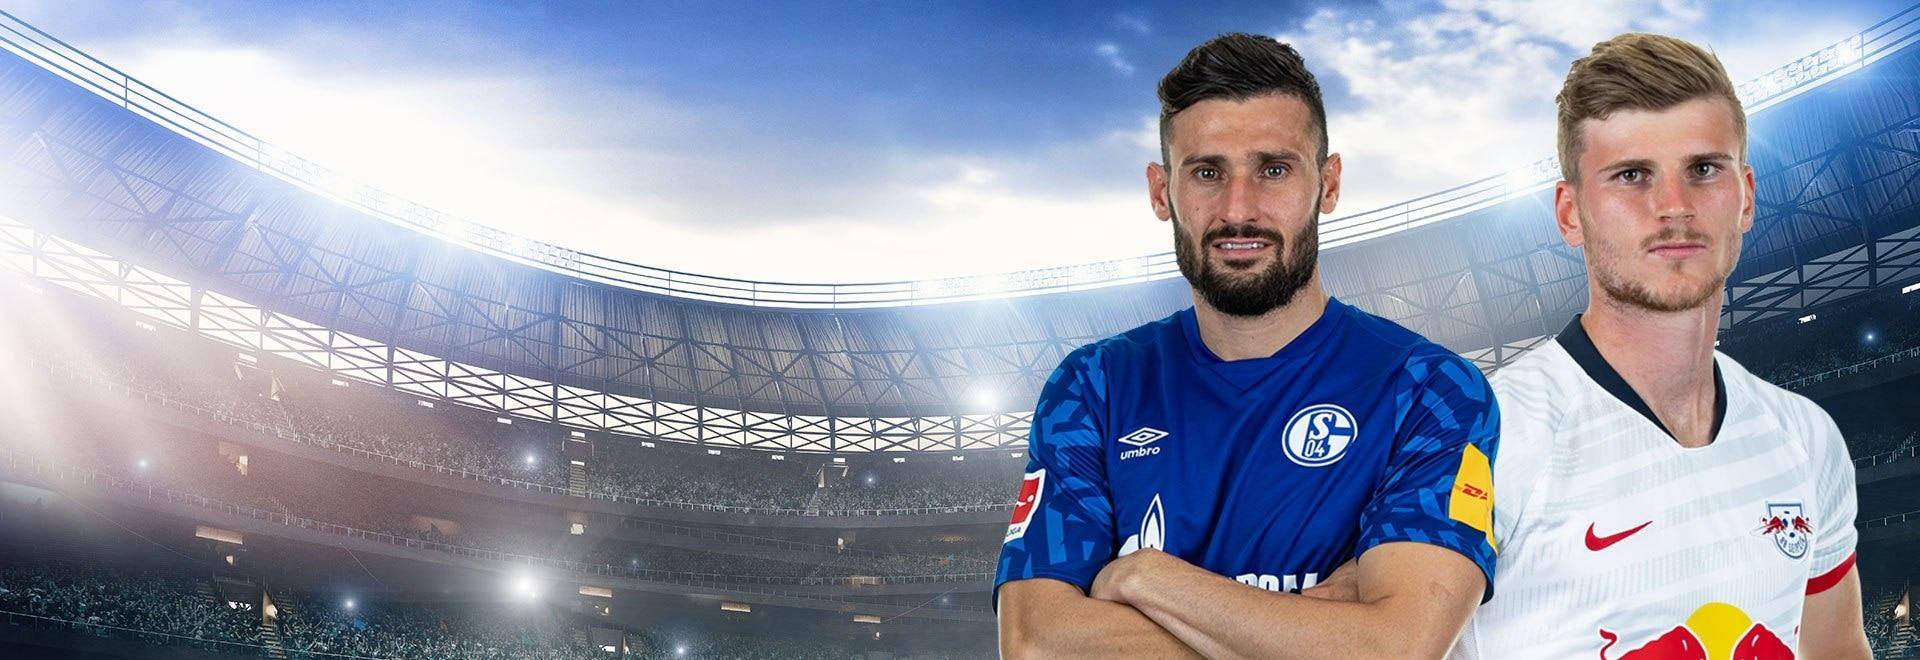 Schalke - Lipsia. 23a g.